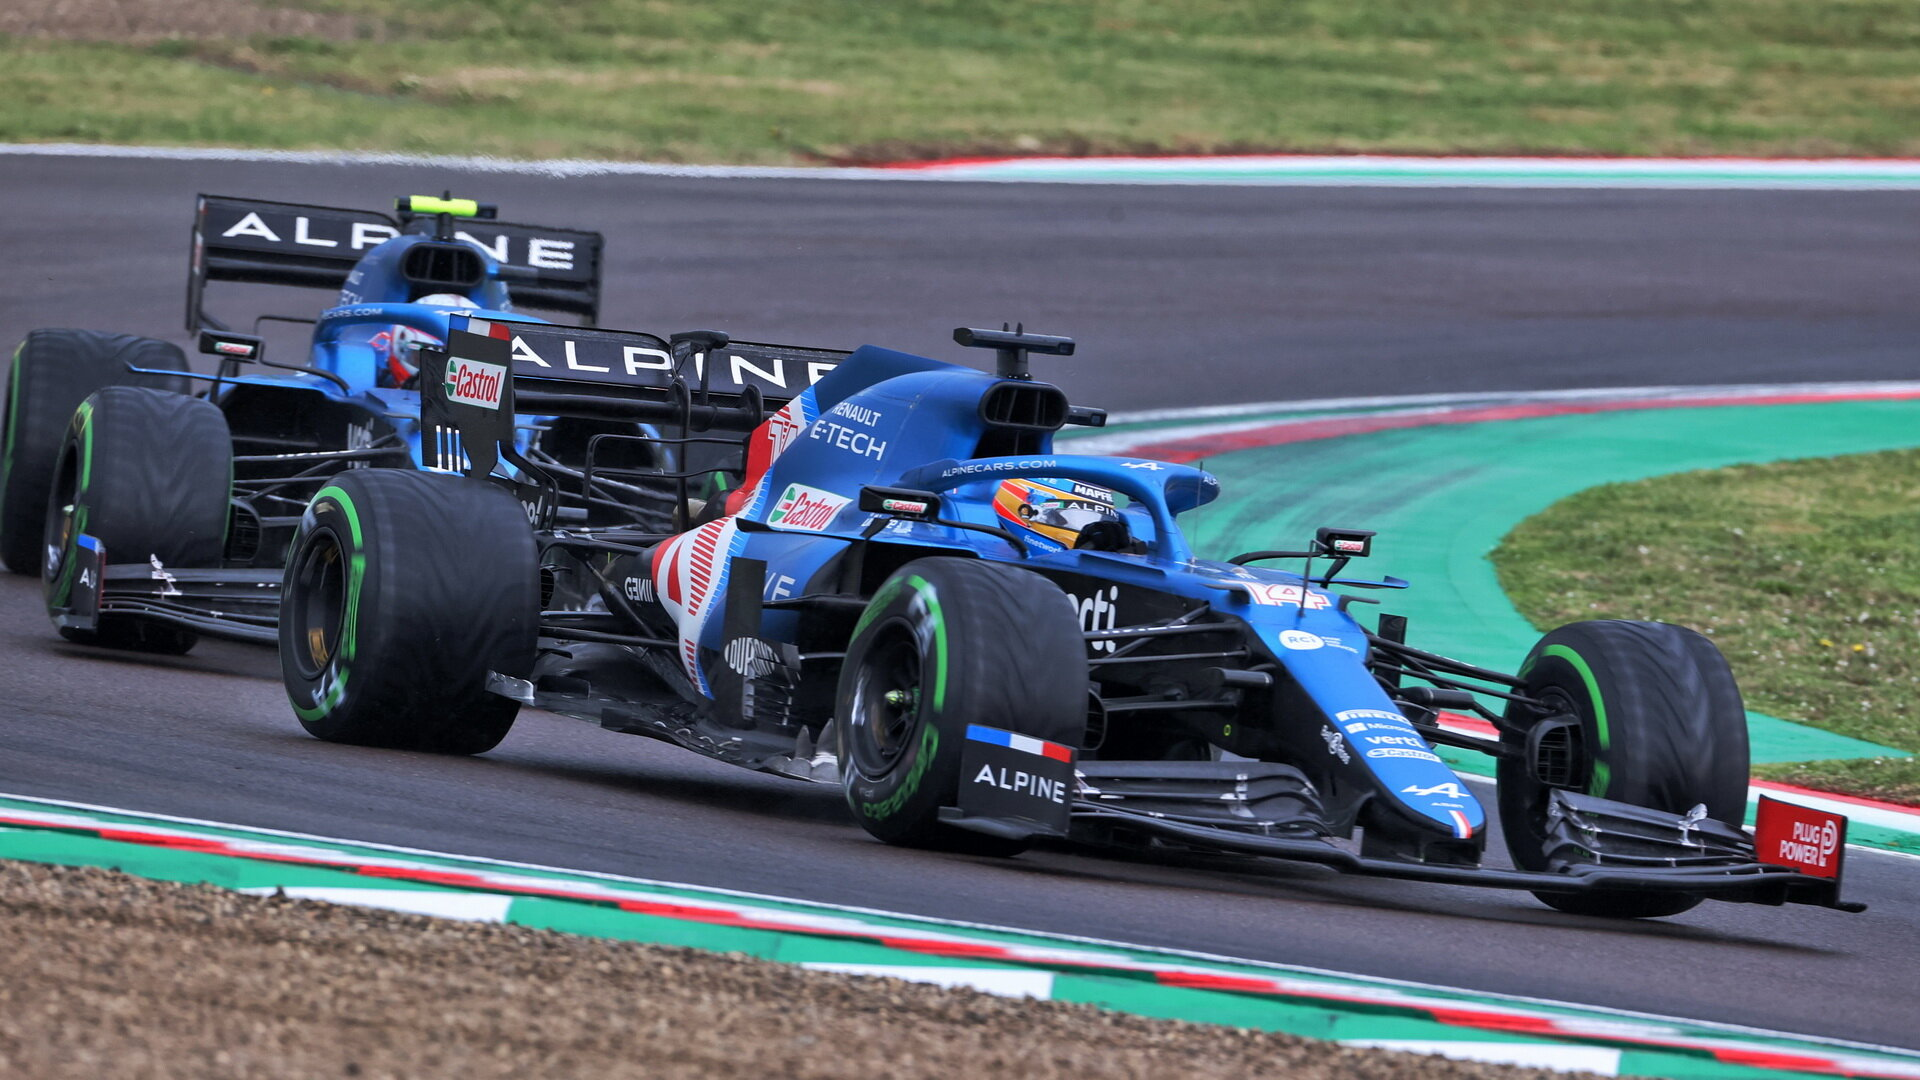 Modré vozy v akci: Fernando Alonso a Esteban Ocon těsně za sebou